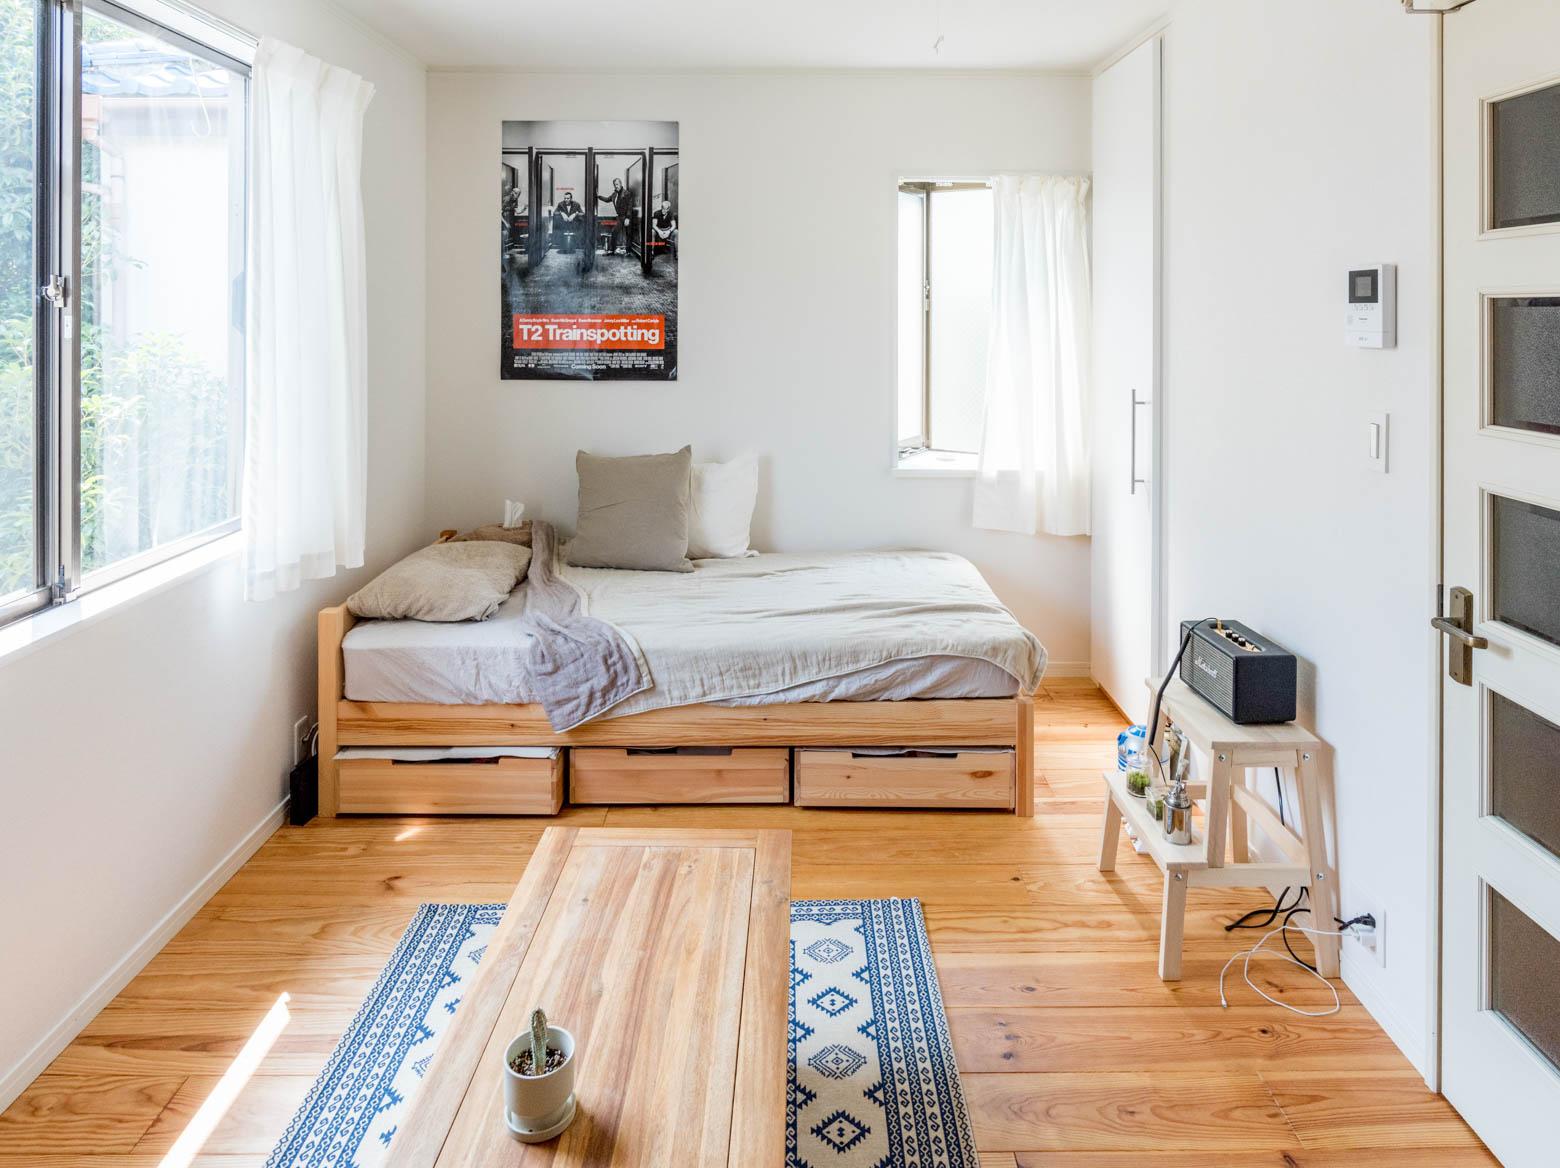 おすすめは収納付きのベッド。こちらのお部屋は無印のパイン材ベッドを使用しています。(このお部屋をもっと見る)